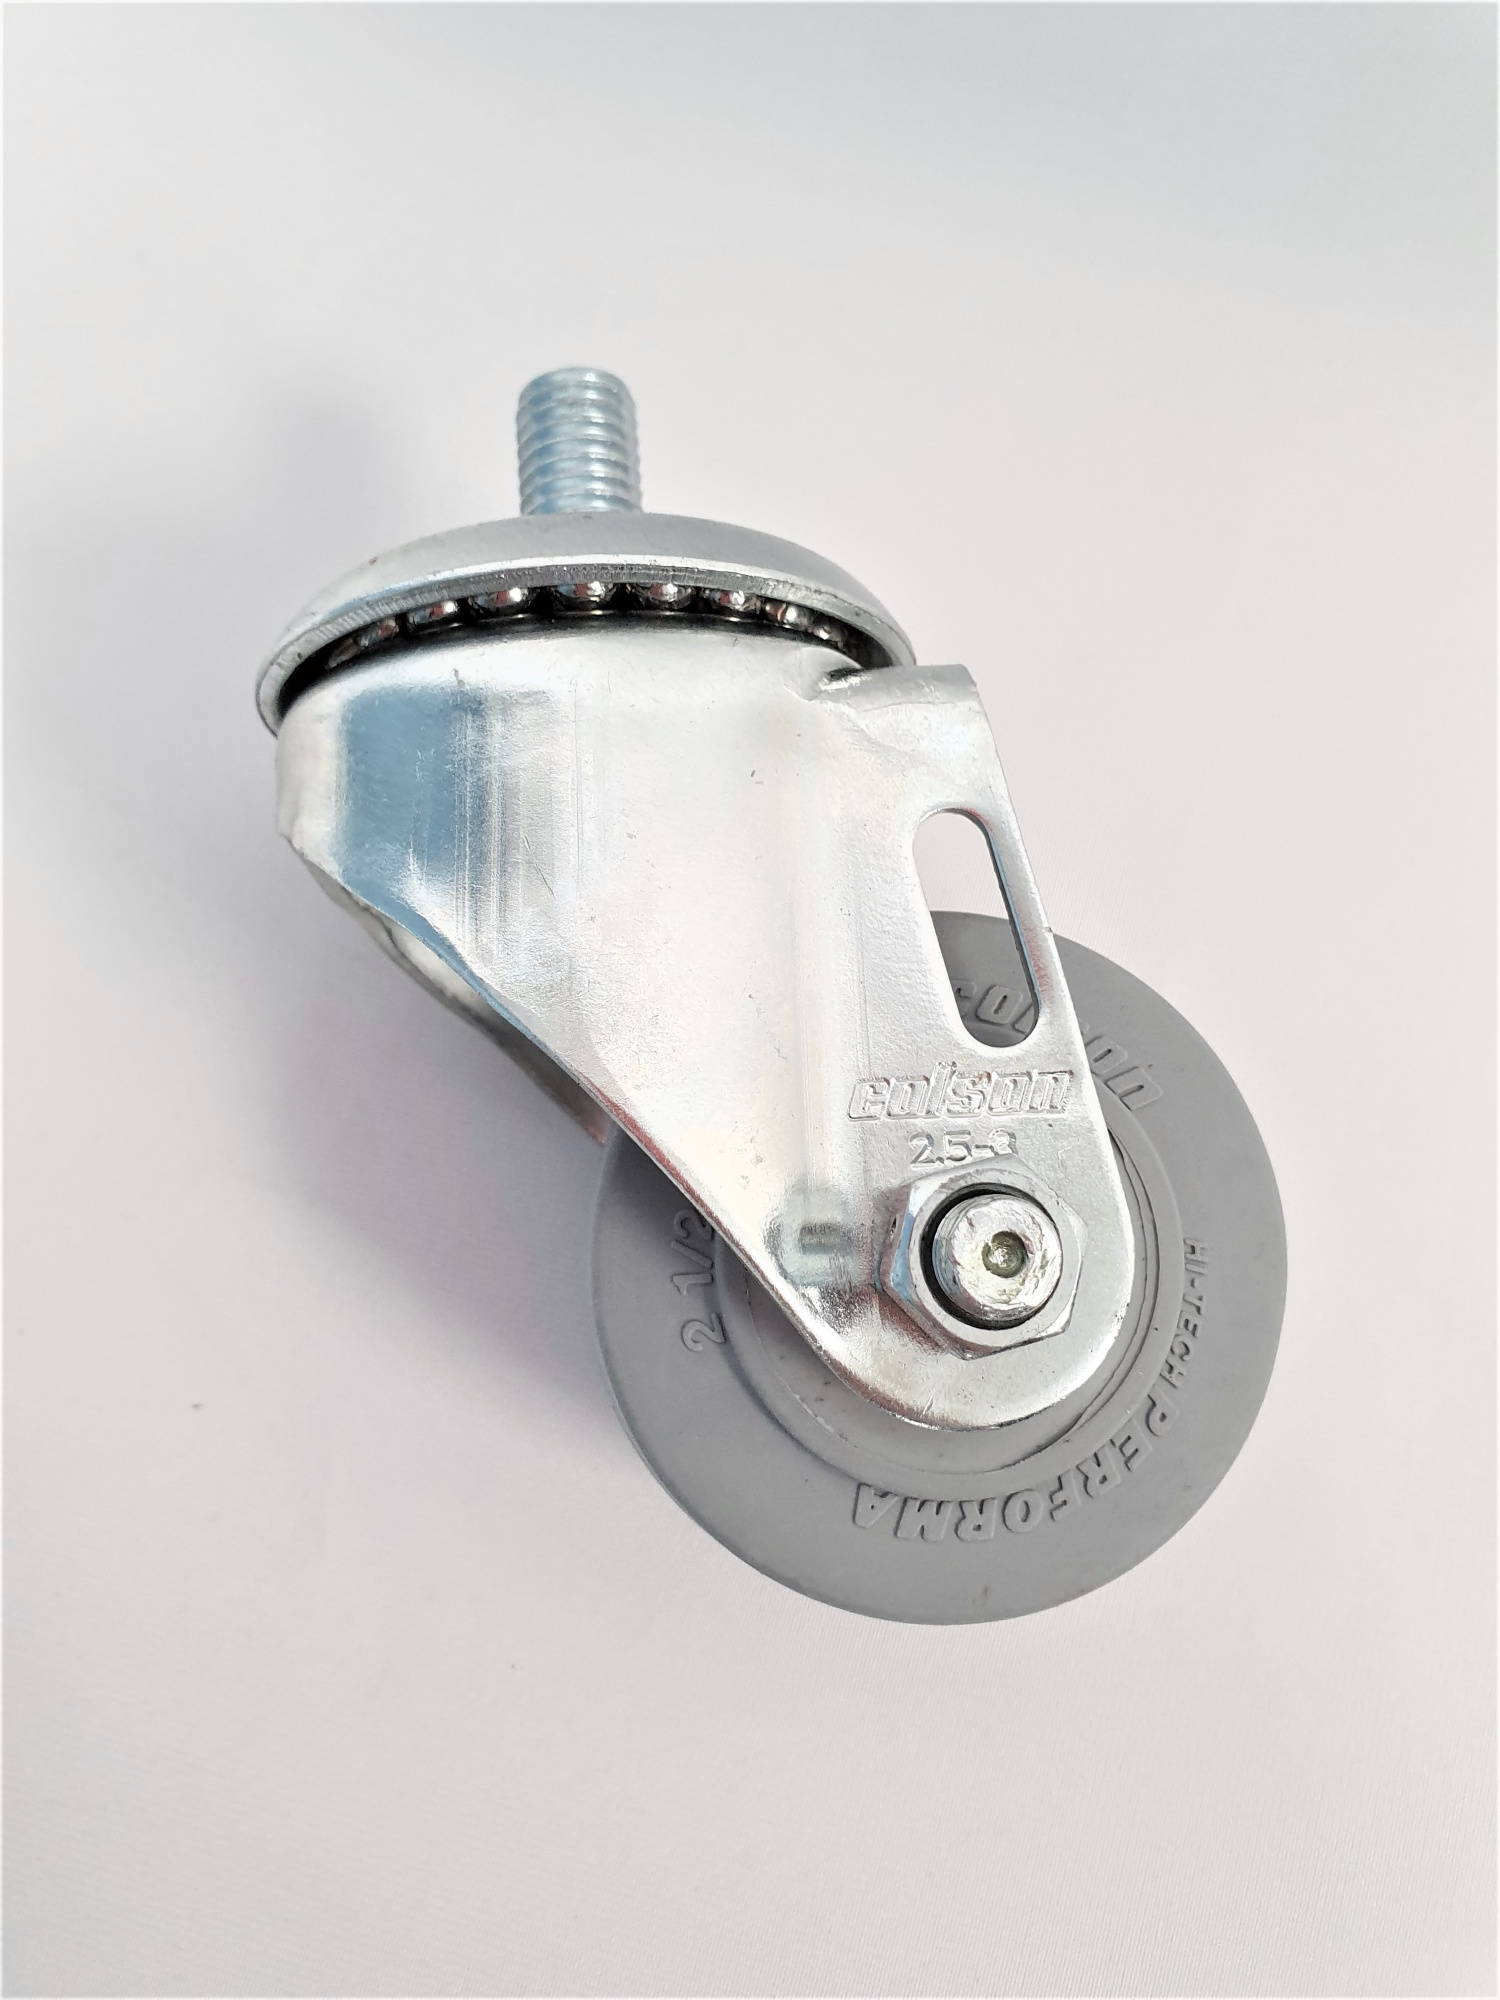 Roulette de réglage suceur pour Autolaveuse RCM TERA 1303